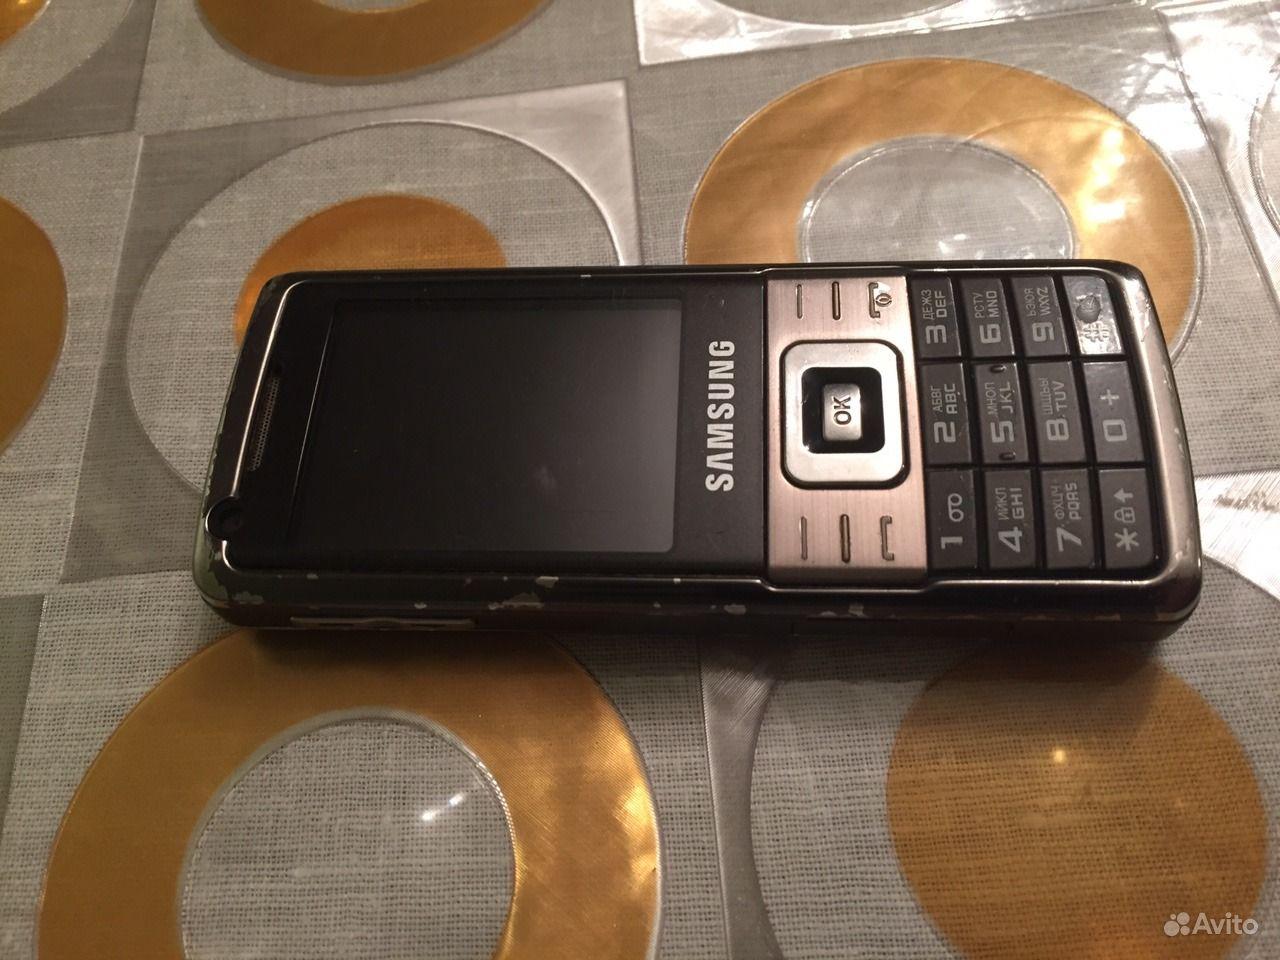 выбранный аромат купить телефон на авито спб аромат 30-05-2011